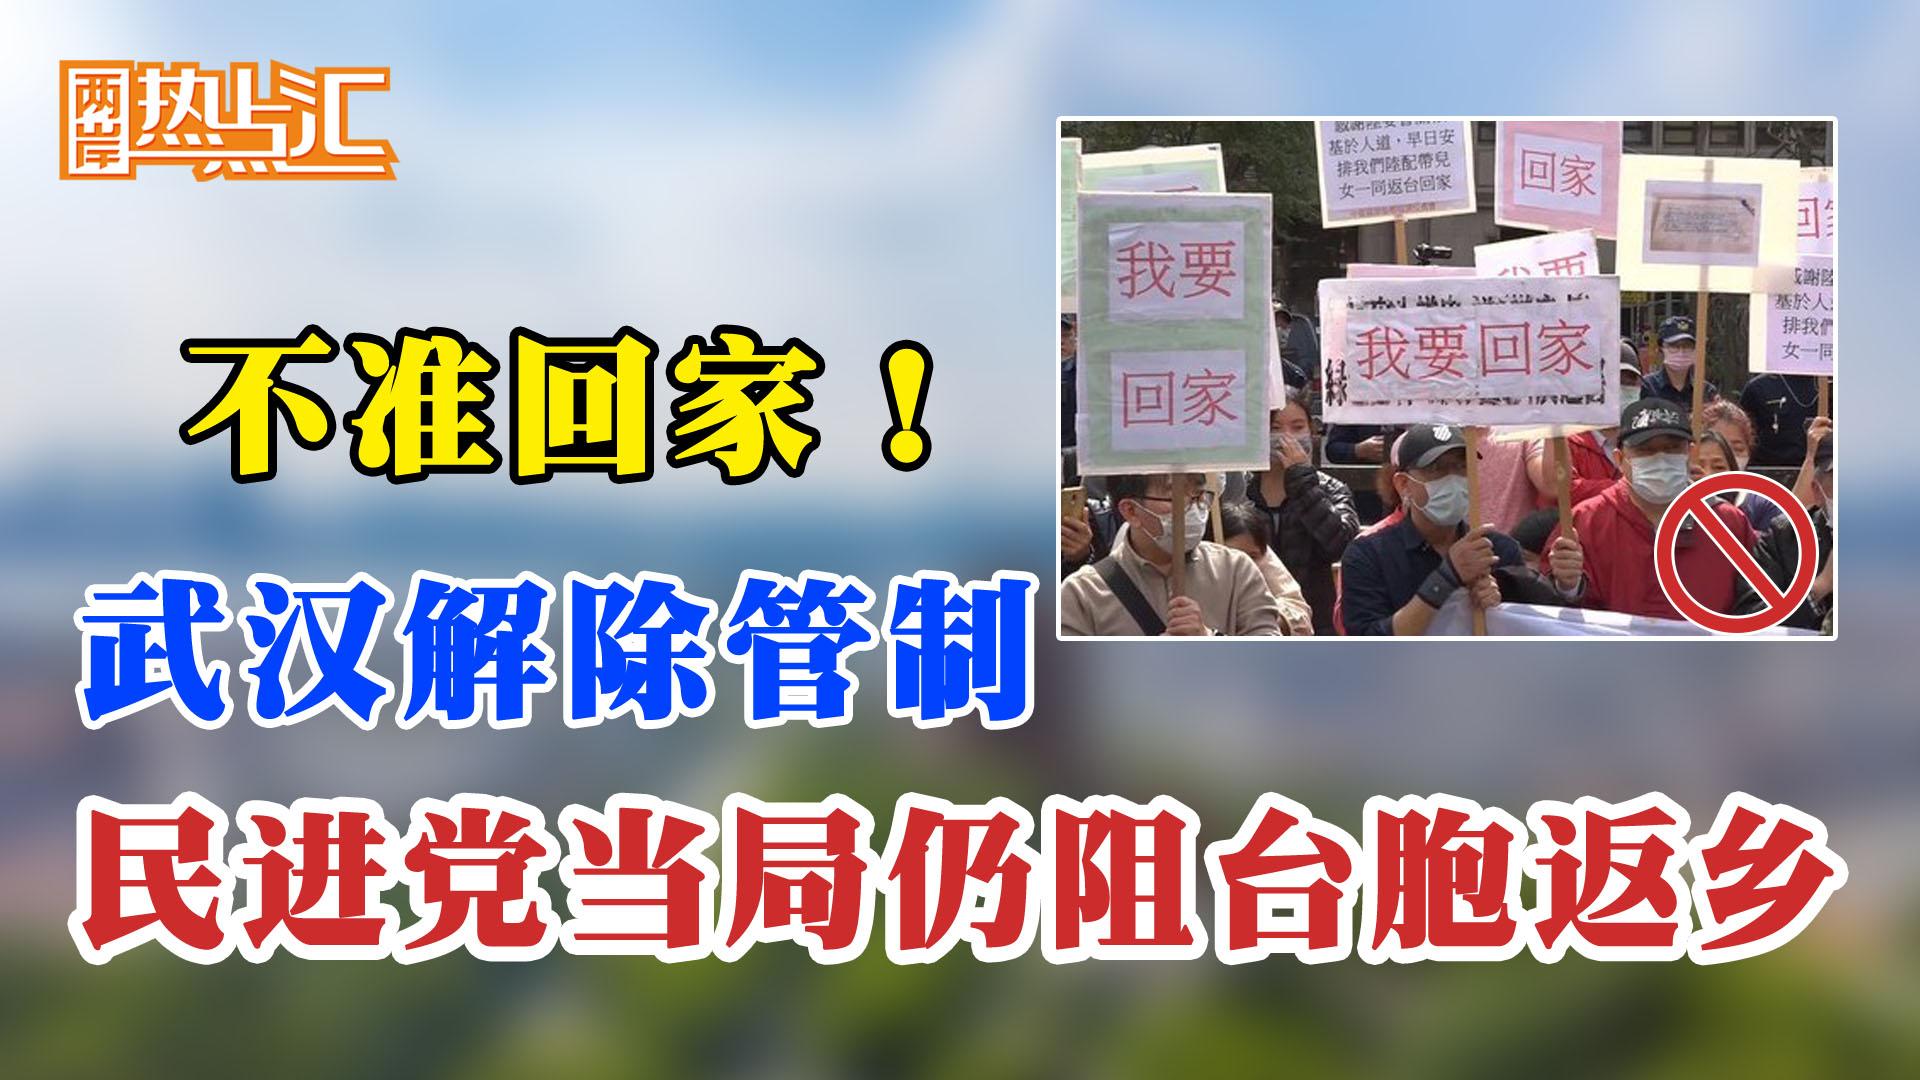 不准回家!民进党当局拒解除武汉台胞注记 纾困慢国民党吁发现金图片